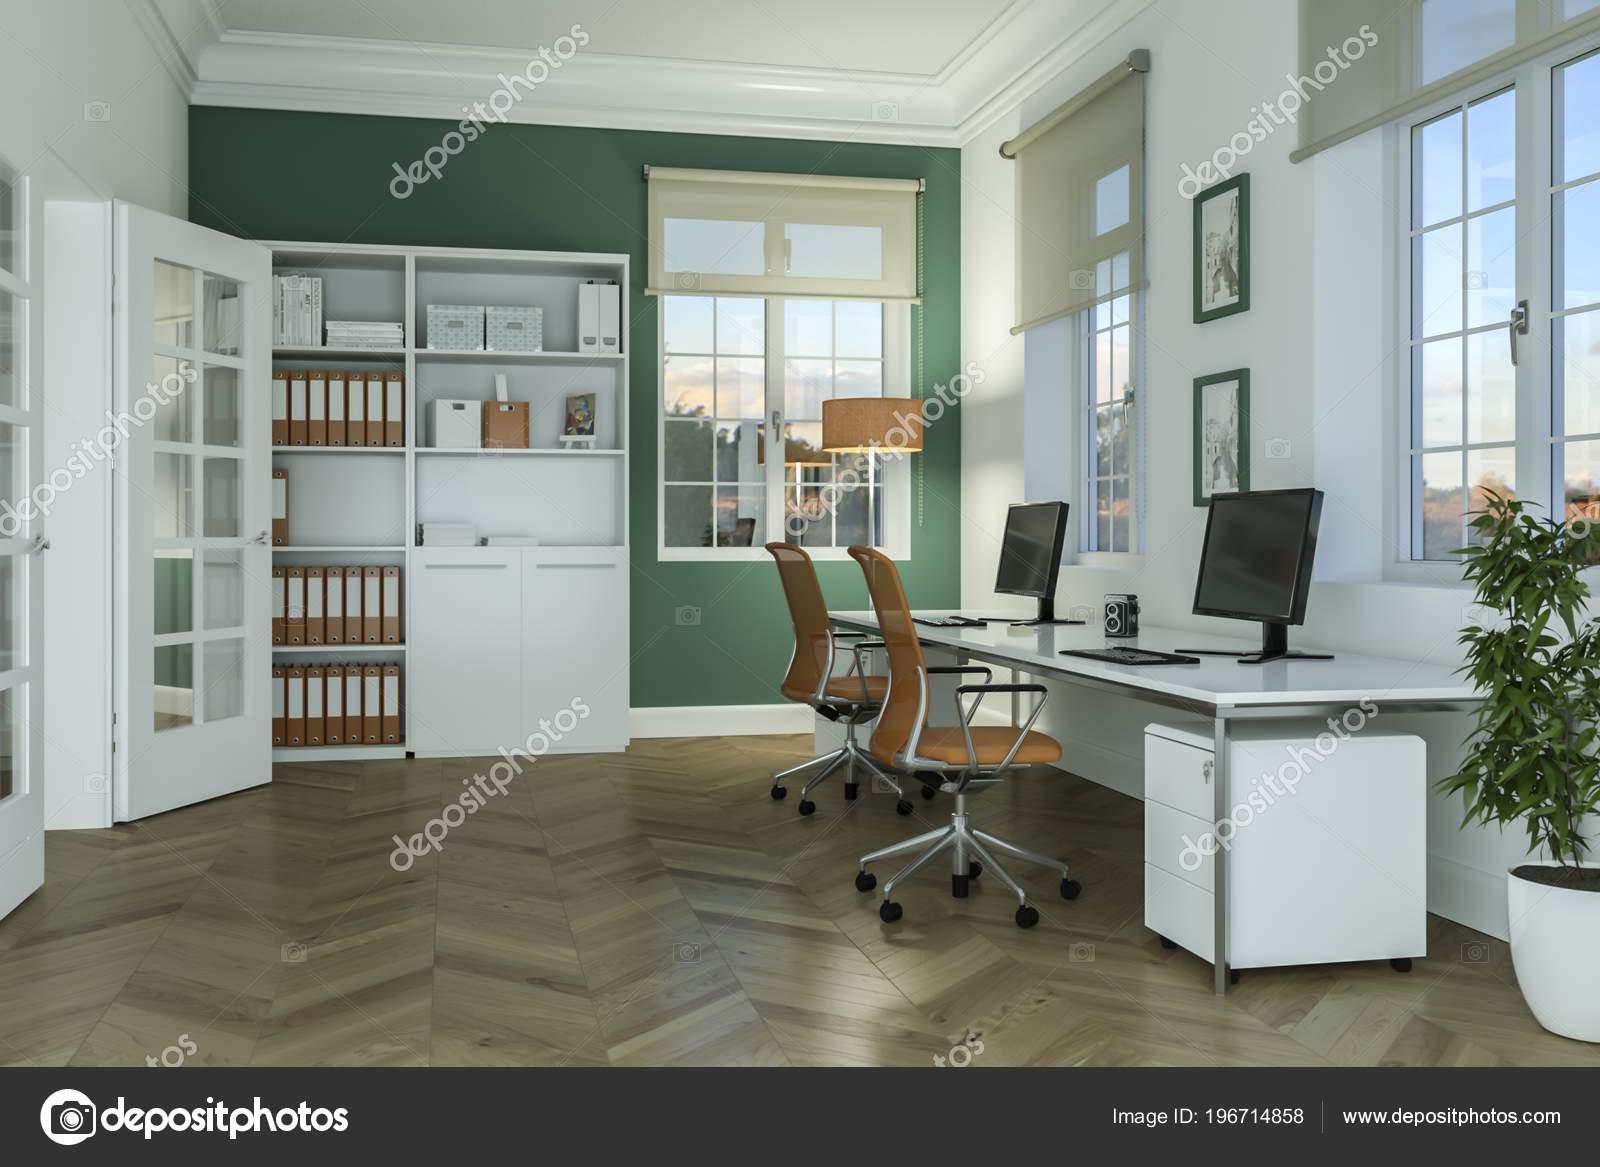 design d'intérieur de bureau moderne à la maison blanche rendu 3d